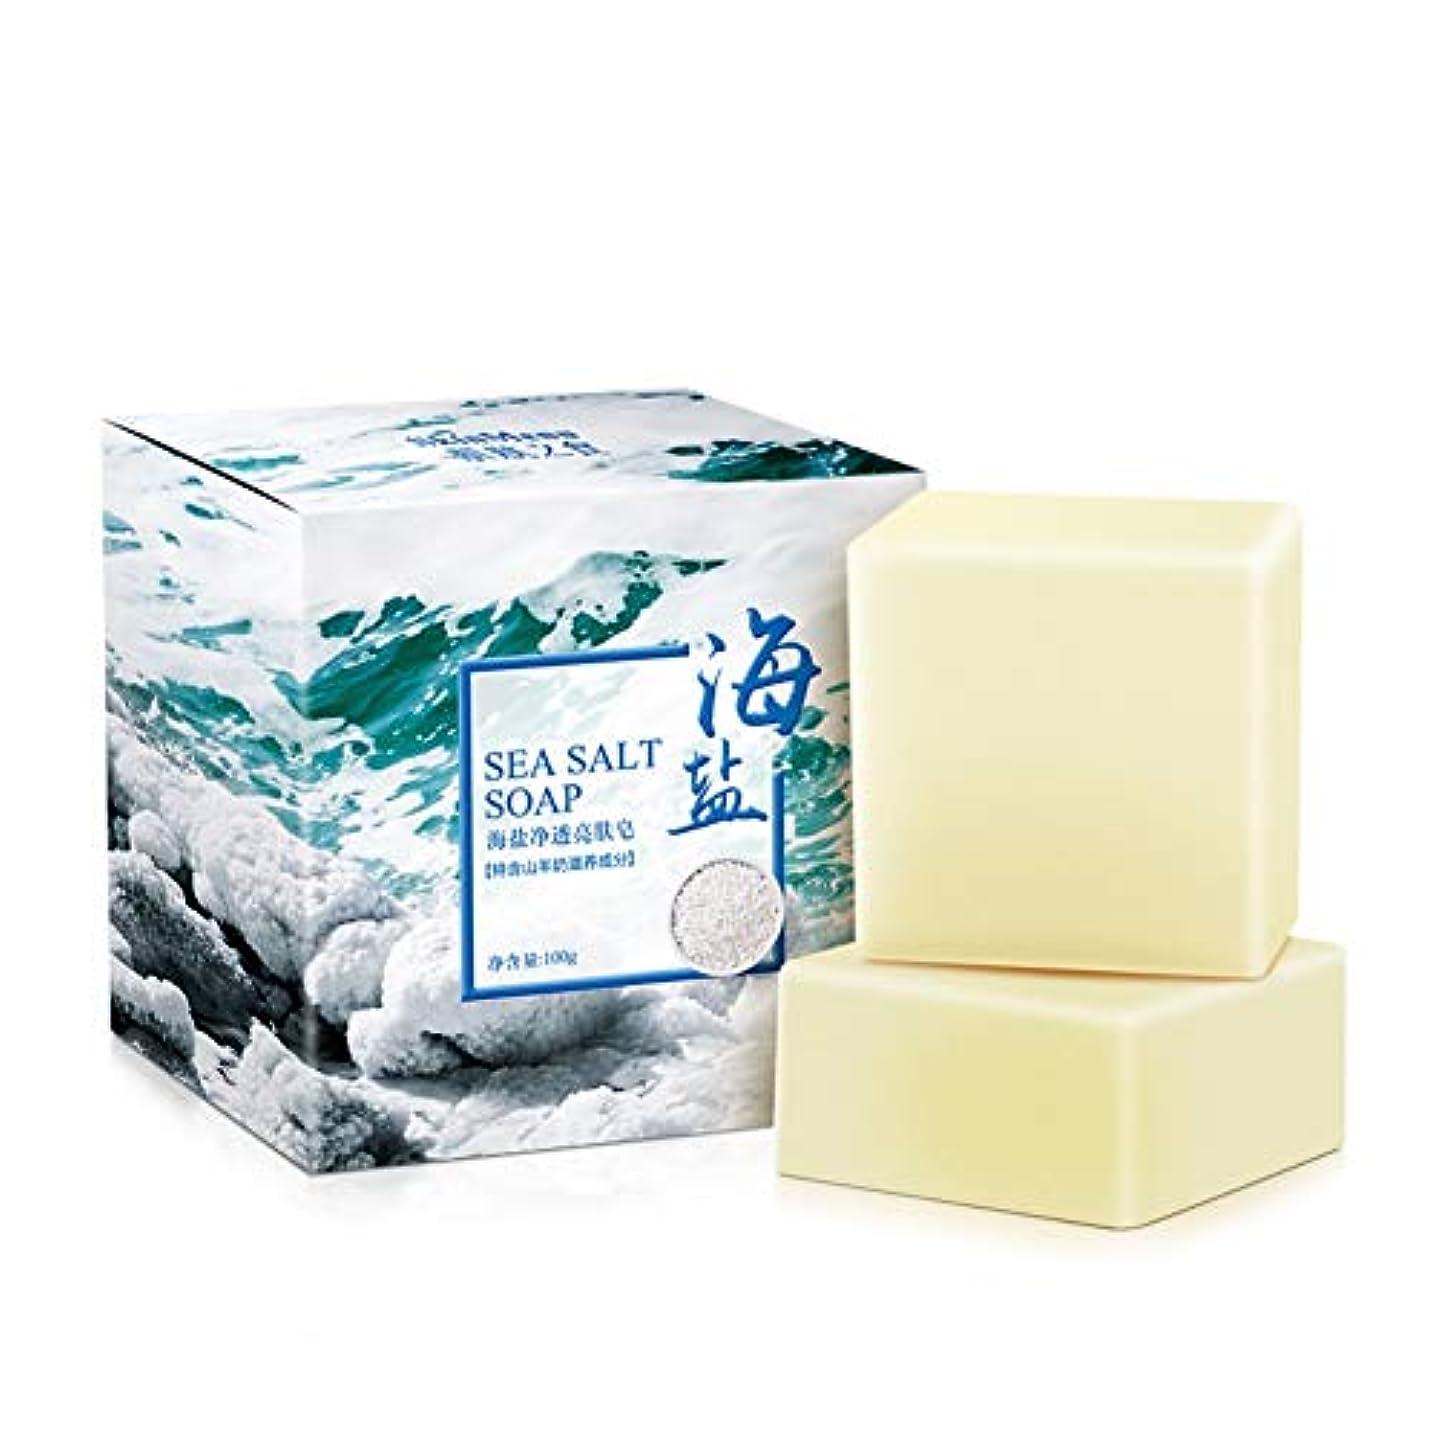 レプリカ免除非常にCutelove 石鹸 にきび用石鹸 海塩石鹸 海塩石鹸にきび パーソナルケア製品 補修石鹸 ボディークリーニング製品